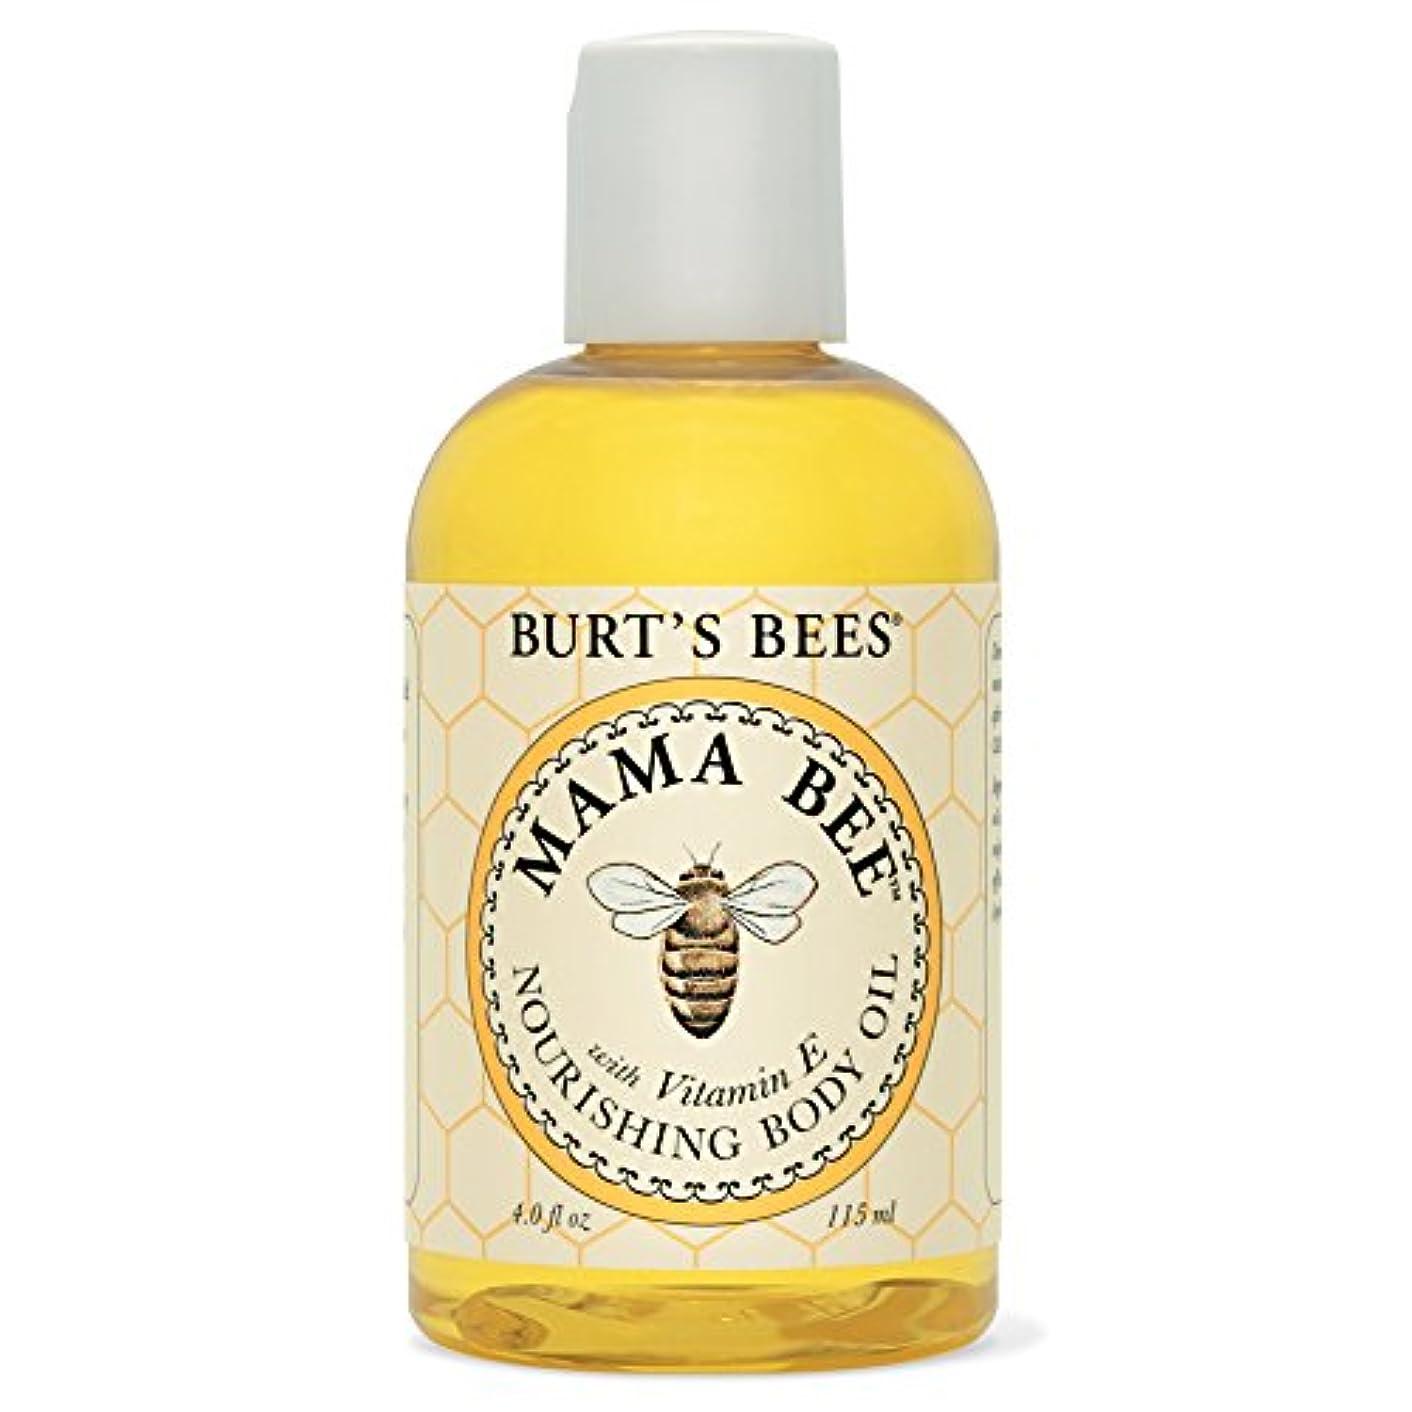 暗黙ベックス温帯バーツビーママ蜂栄養ボディオイル115ミリリットル (Burt's Bees) (x6) - Burt's Bees Mama Bee Nourishing Body Oil 115ml (Pack of 6) [並行輸入品]